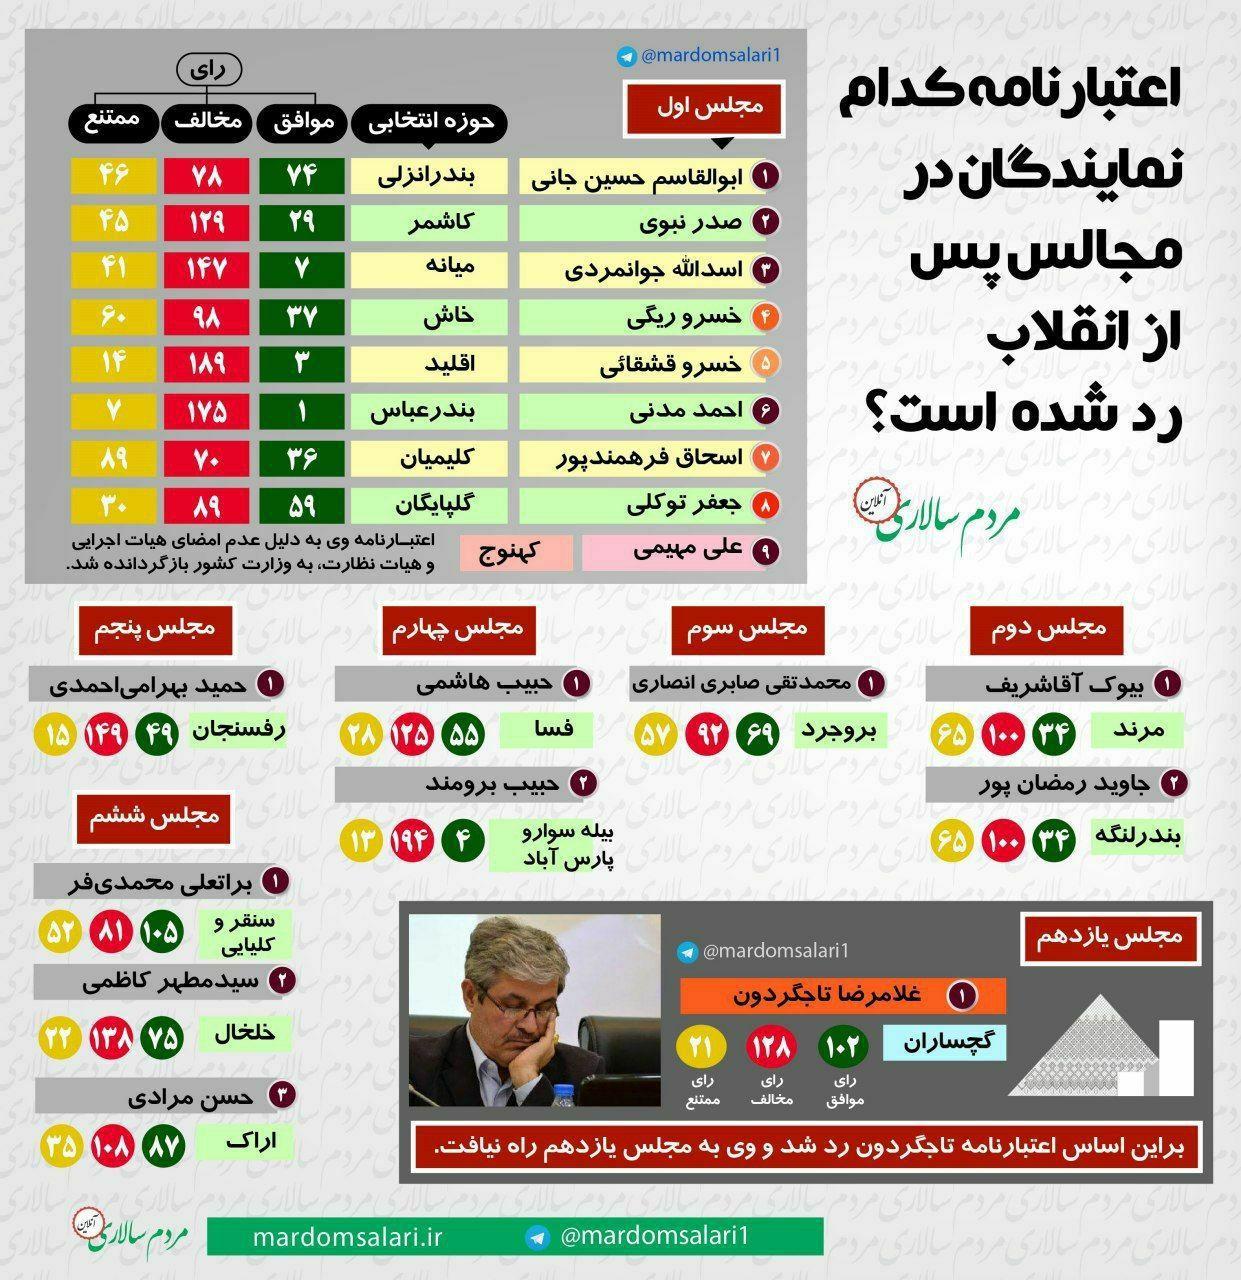 اعتبارنامه کدام نمایندگان ادوار مجلس شورای اسلامی رد شده است؟